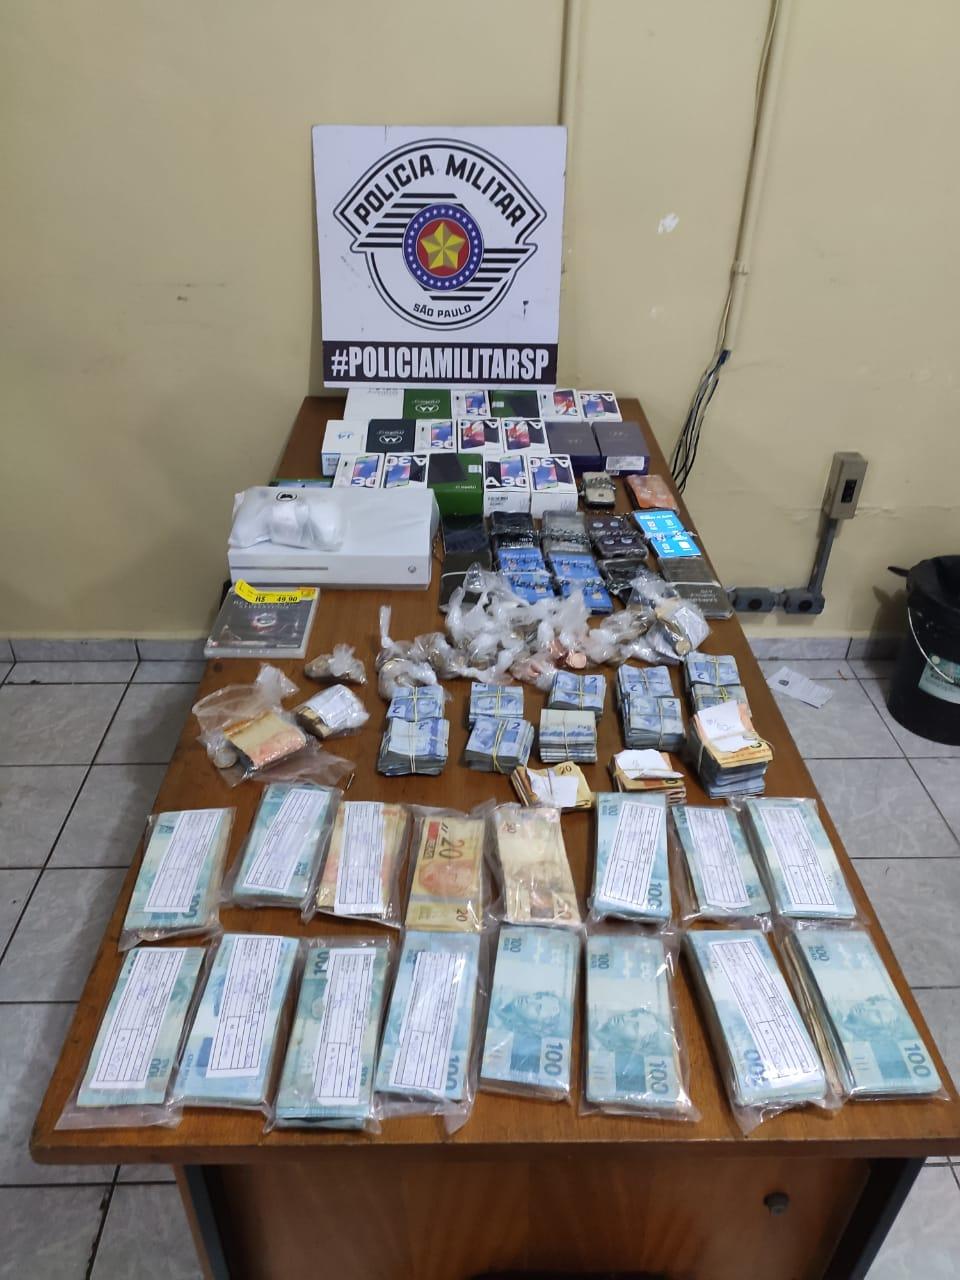 Objetos foram recuperados pela Polícia Militar